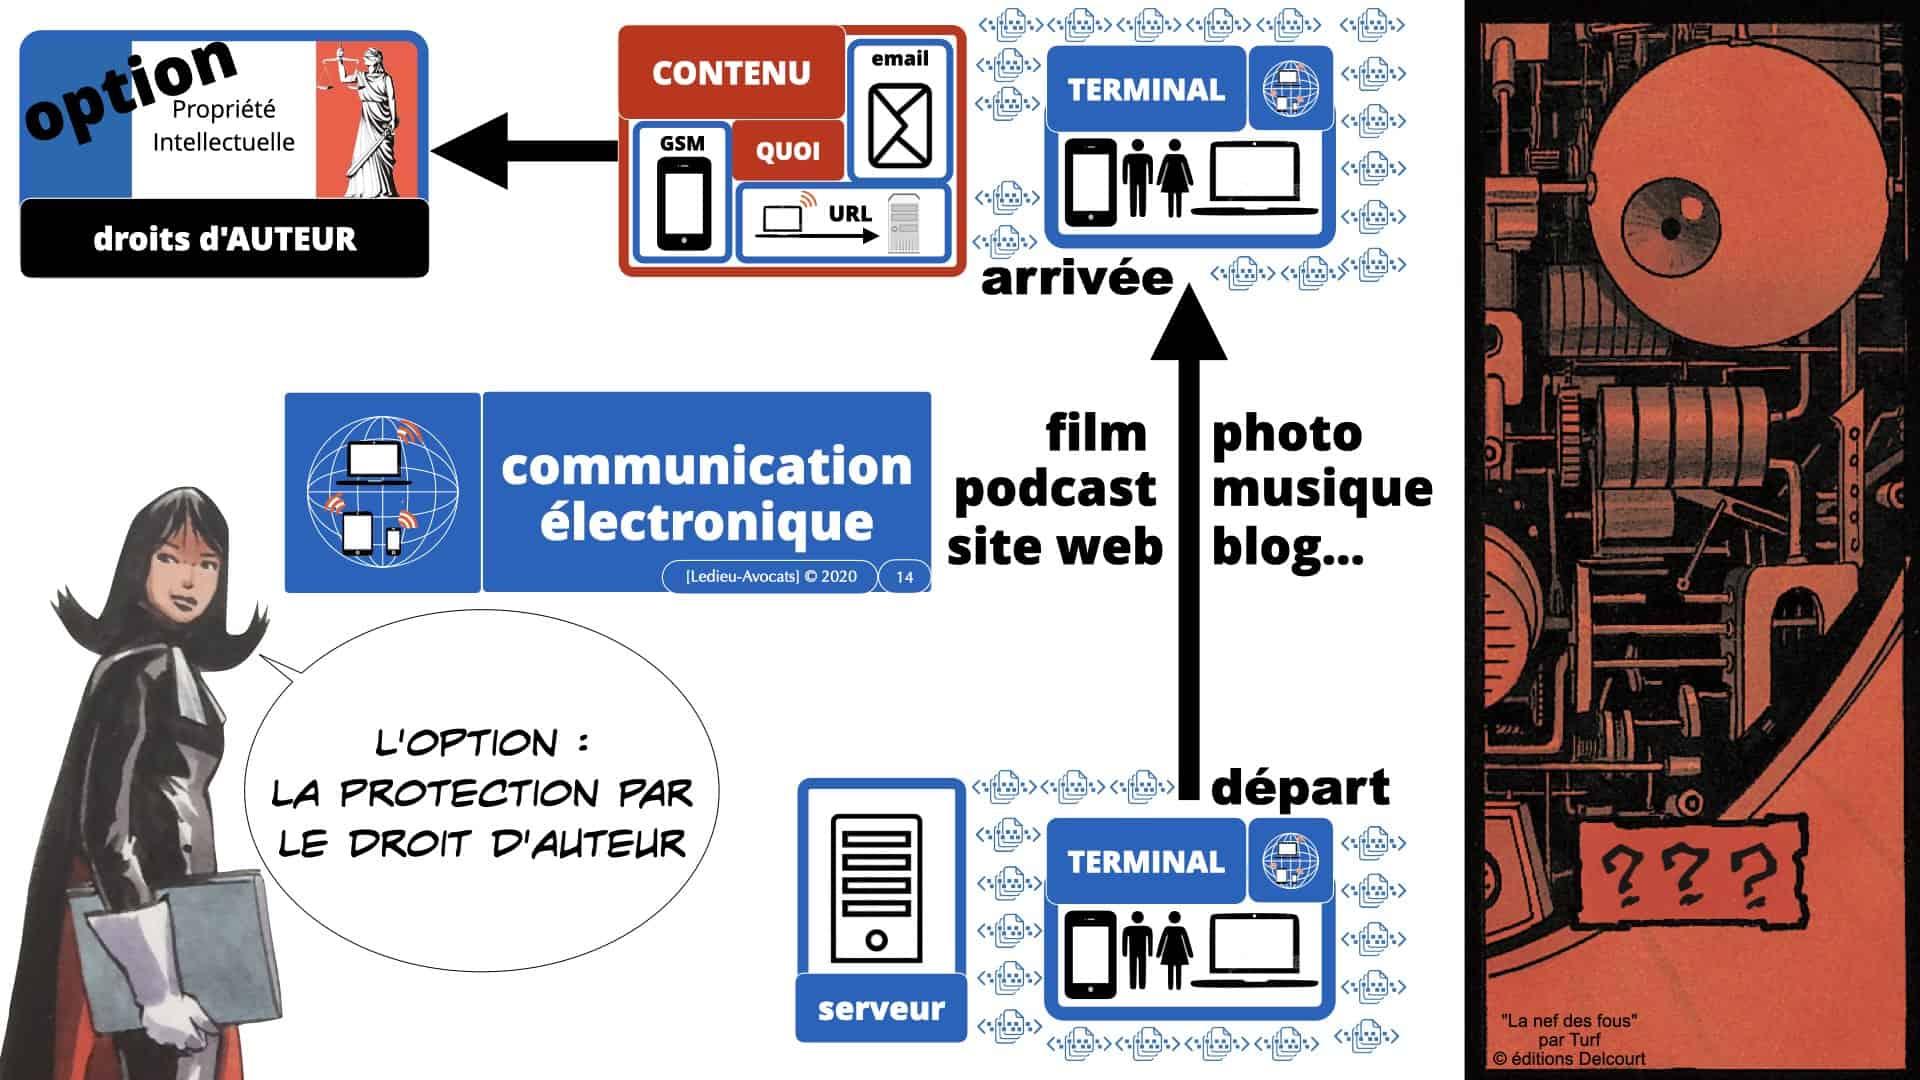 318 données de contenu métadonnées données personnelles ©Ledieu-Avocats la protection du droit d'auteur